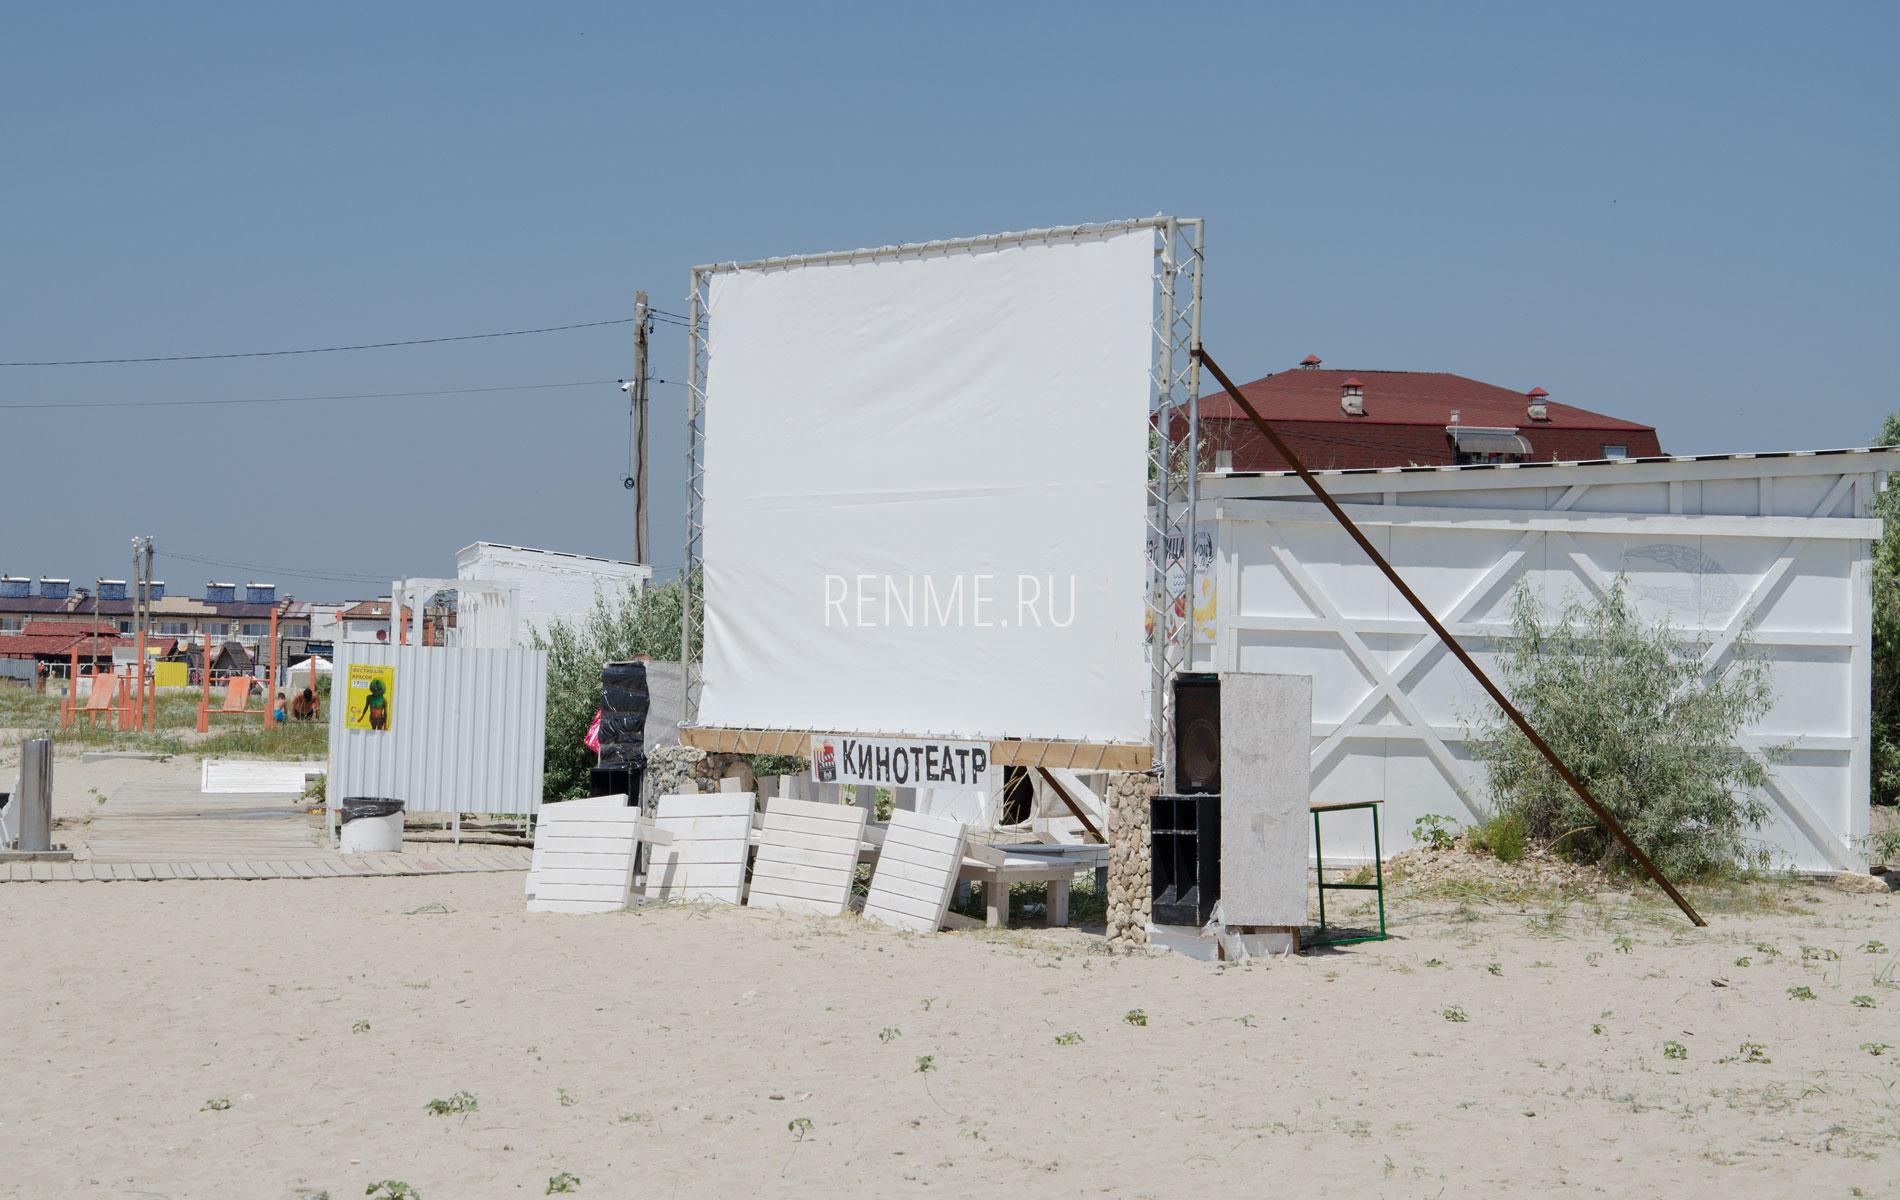 Кинотеатр на пляже. Фото Штормового